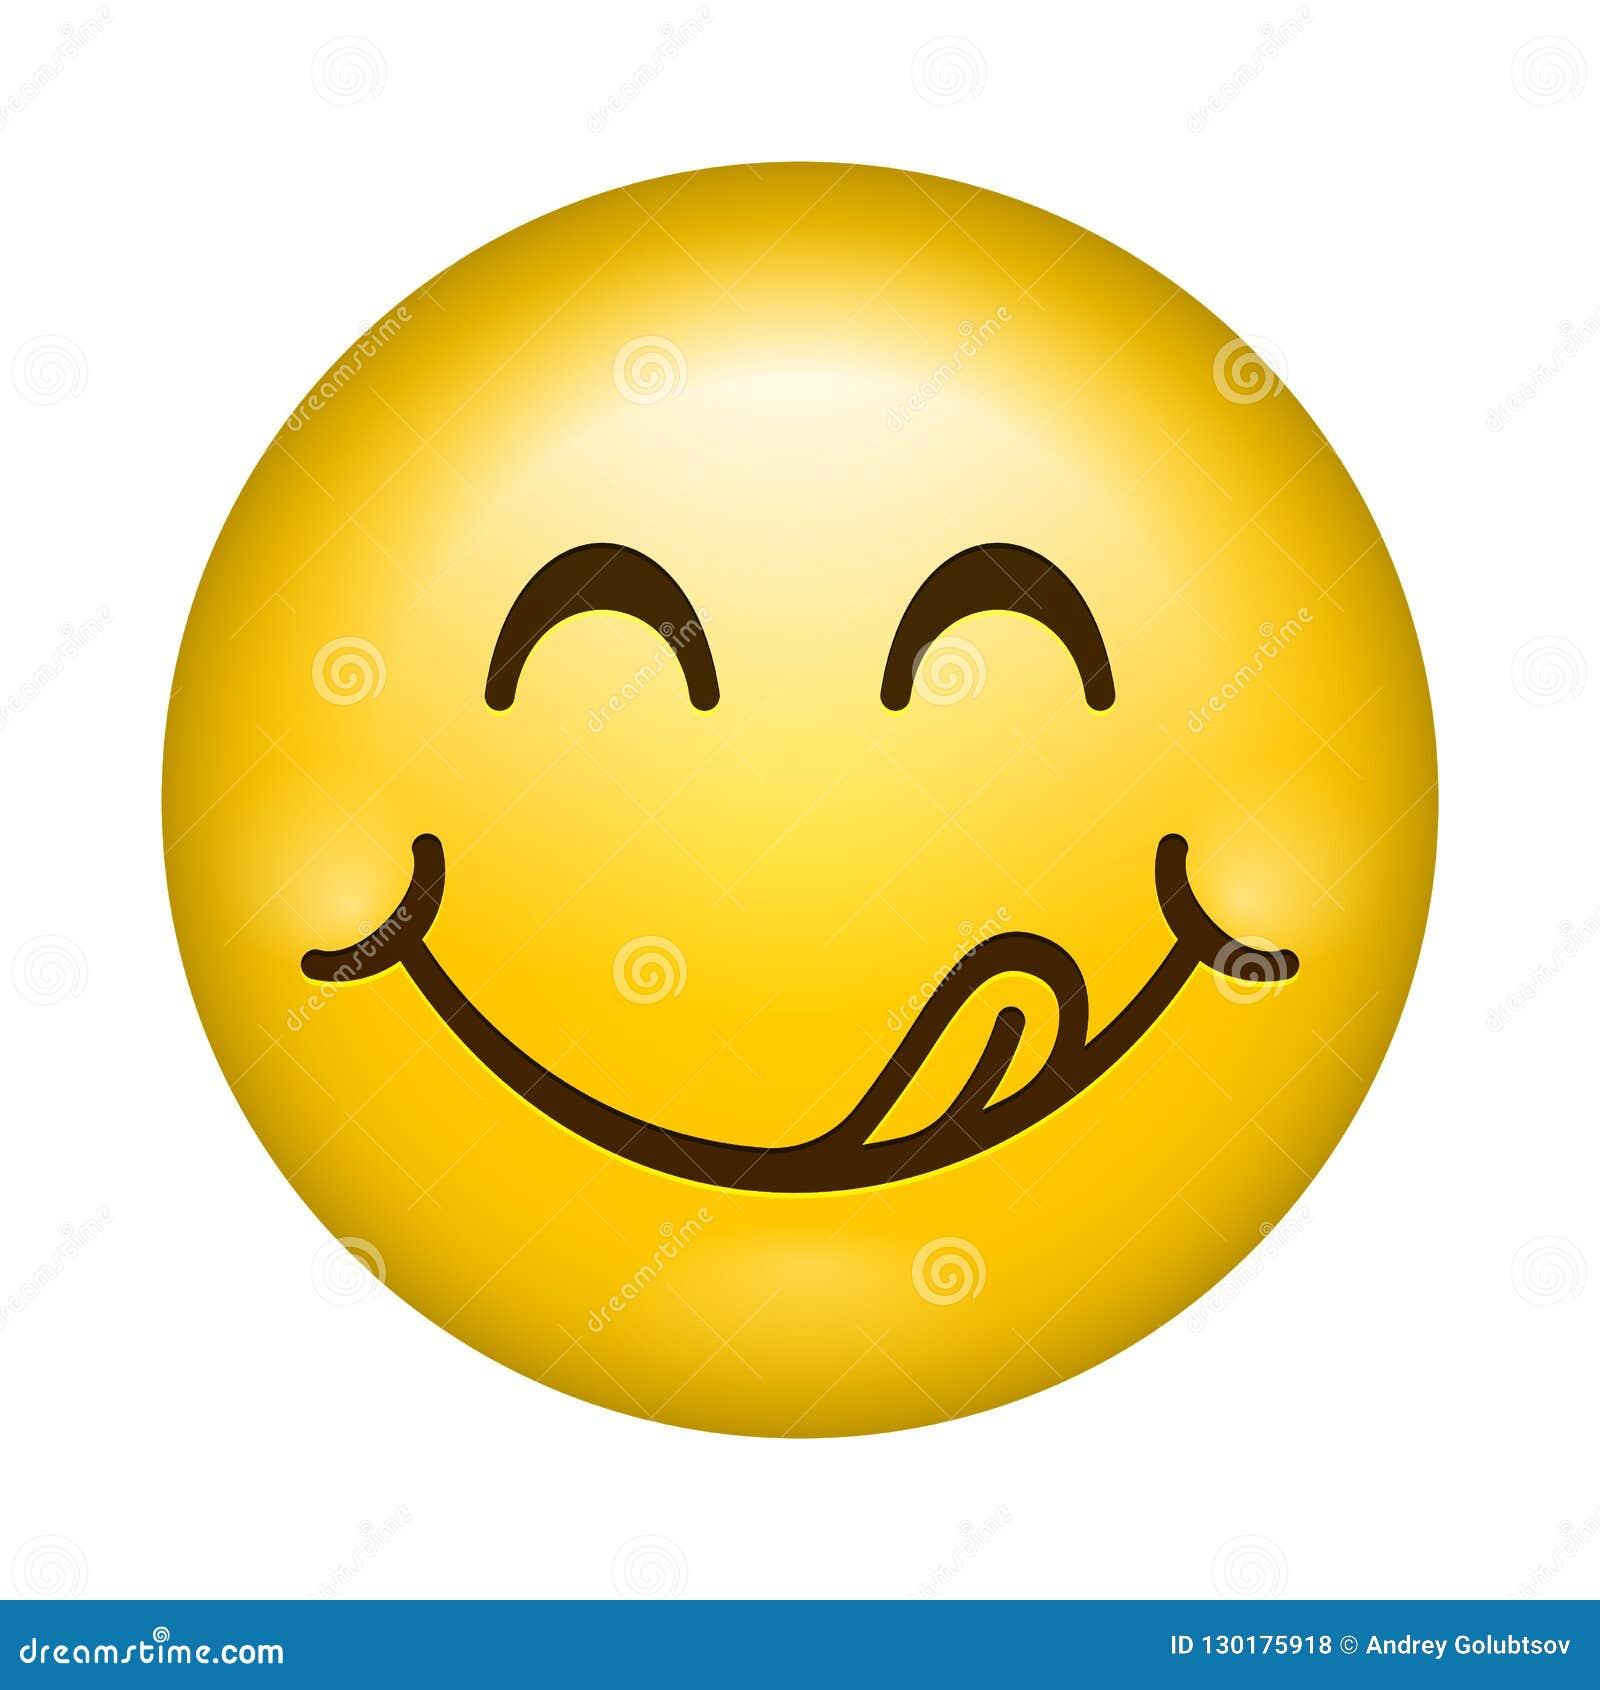 Yummy Smile Vector Cartoon Emoticon Lick Lips With Tongue Delicious